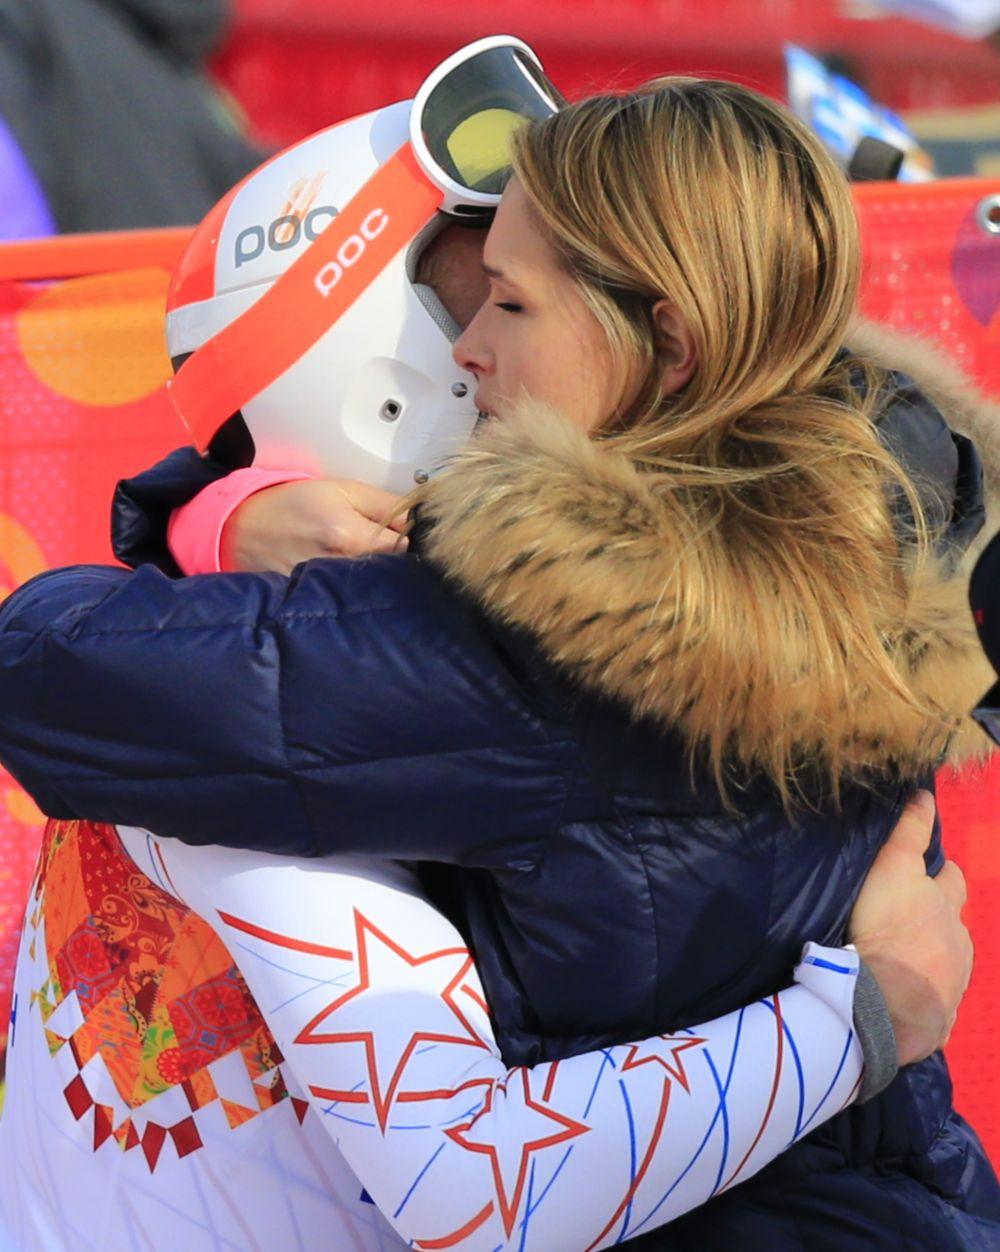 Bode Miller a fost imbratisat de sotie imediat cum a trecut linia de sosire pe locul 3.